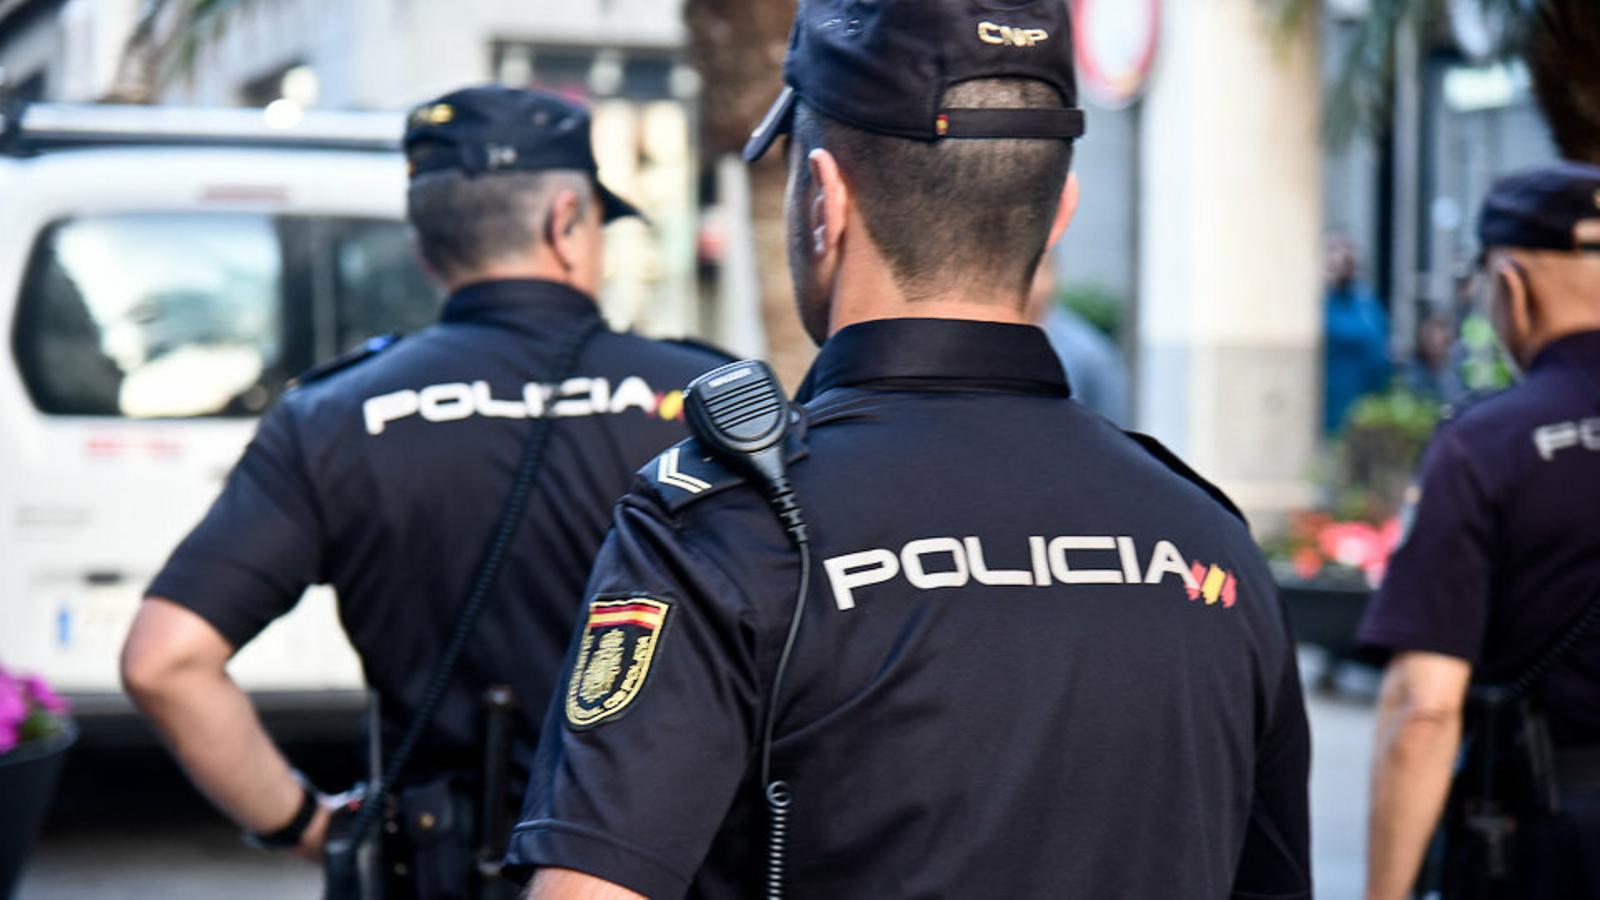 La Policia Nacional demana col·laboració per trobar a la dona desapareguda en 2018